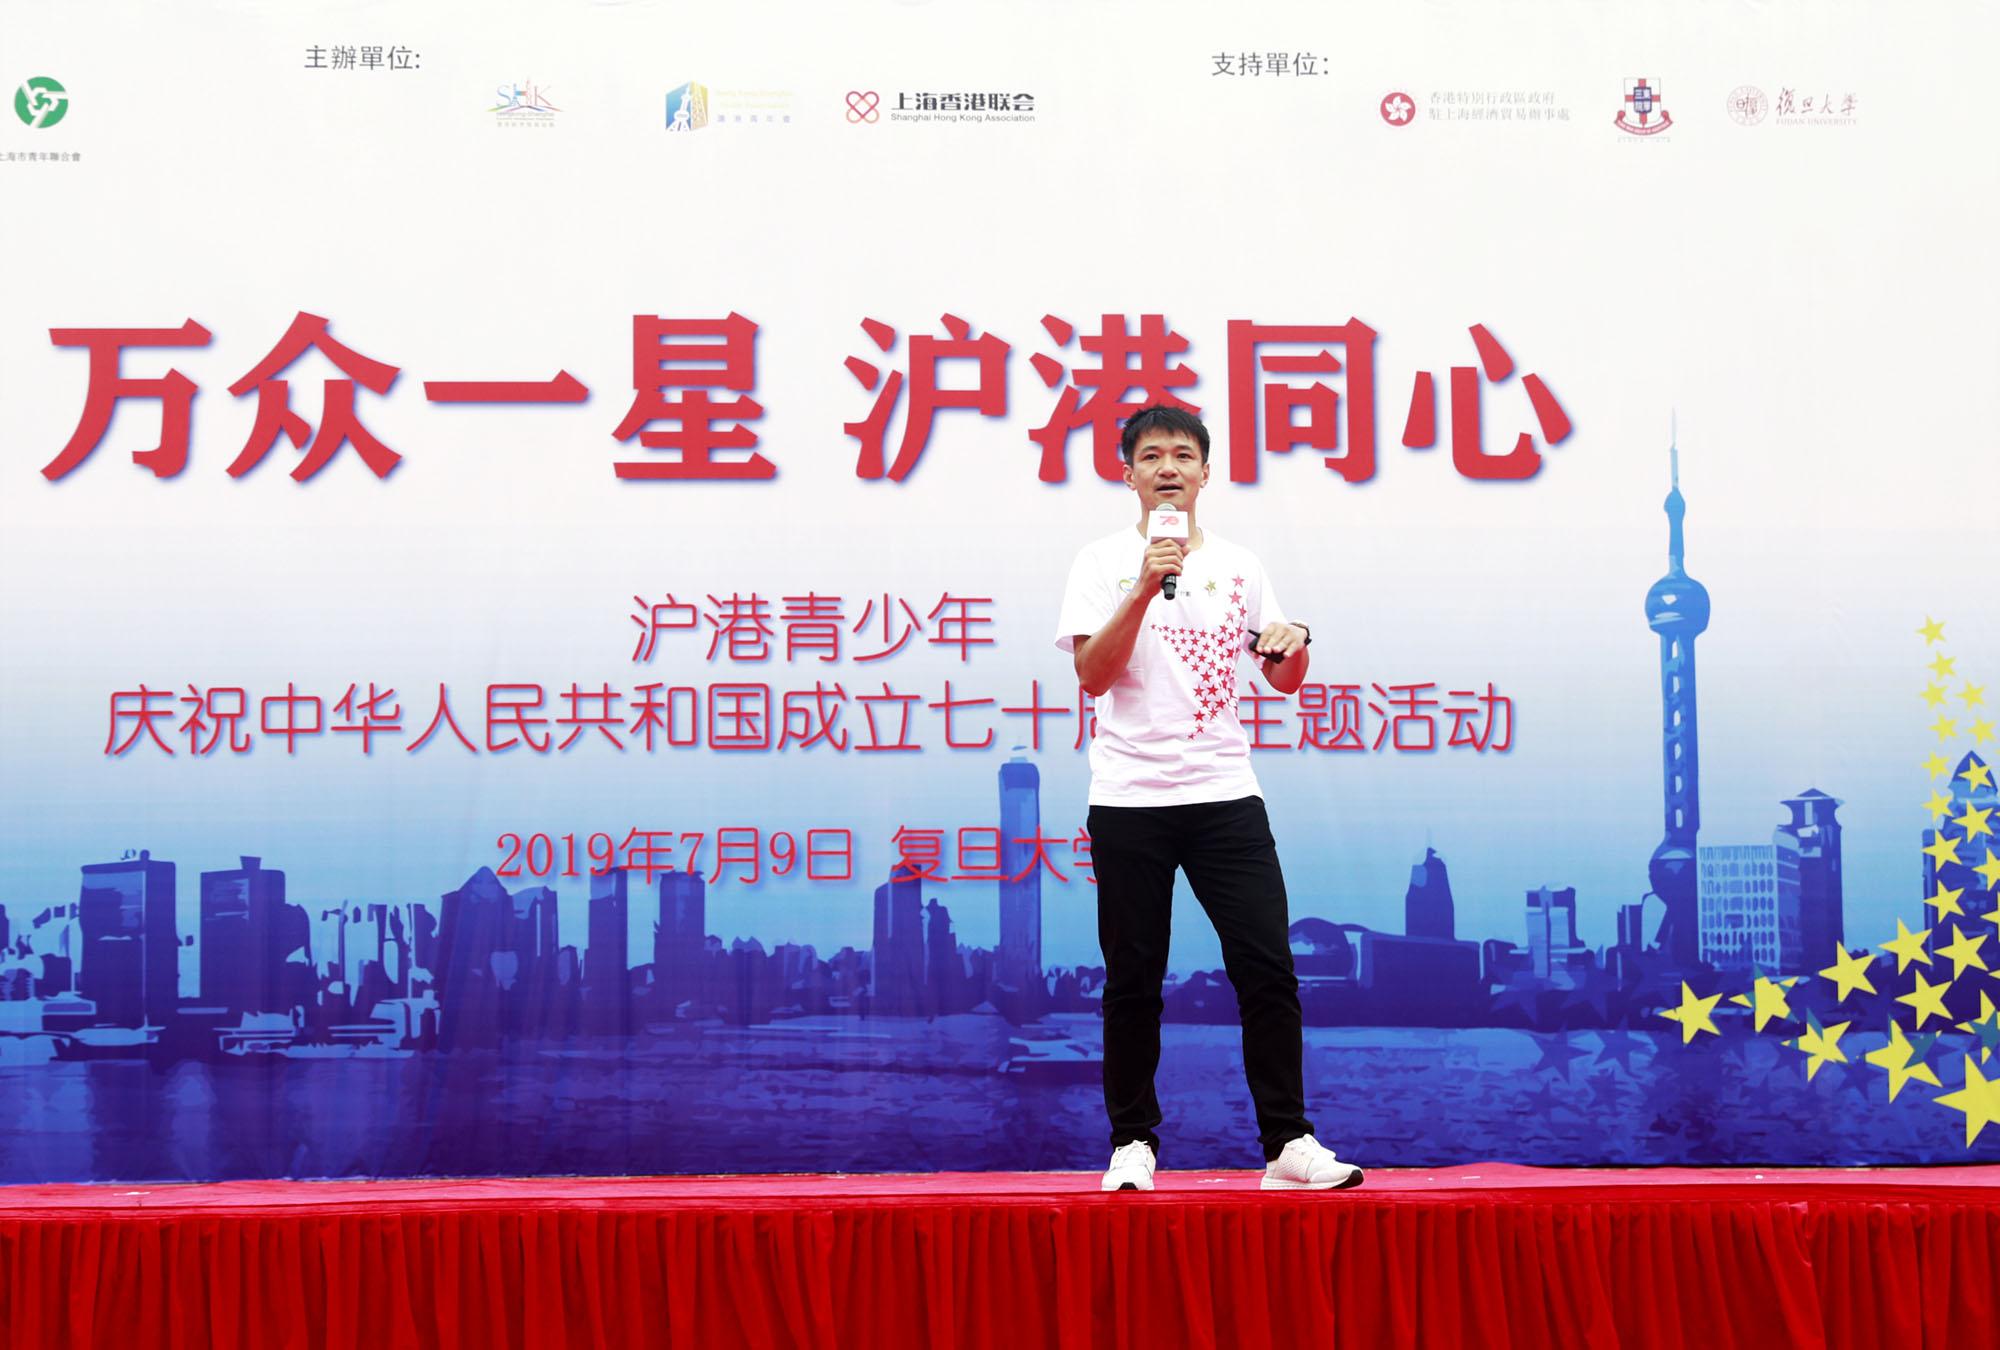 上海活動攝像活動云攝影多機位搖臂攝像網絡直播